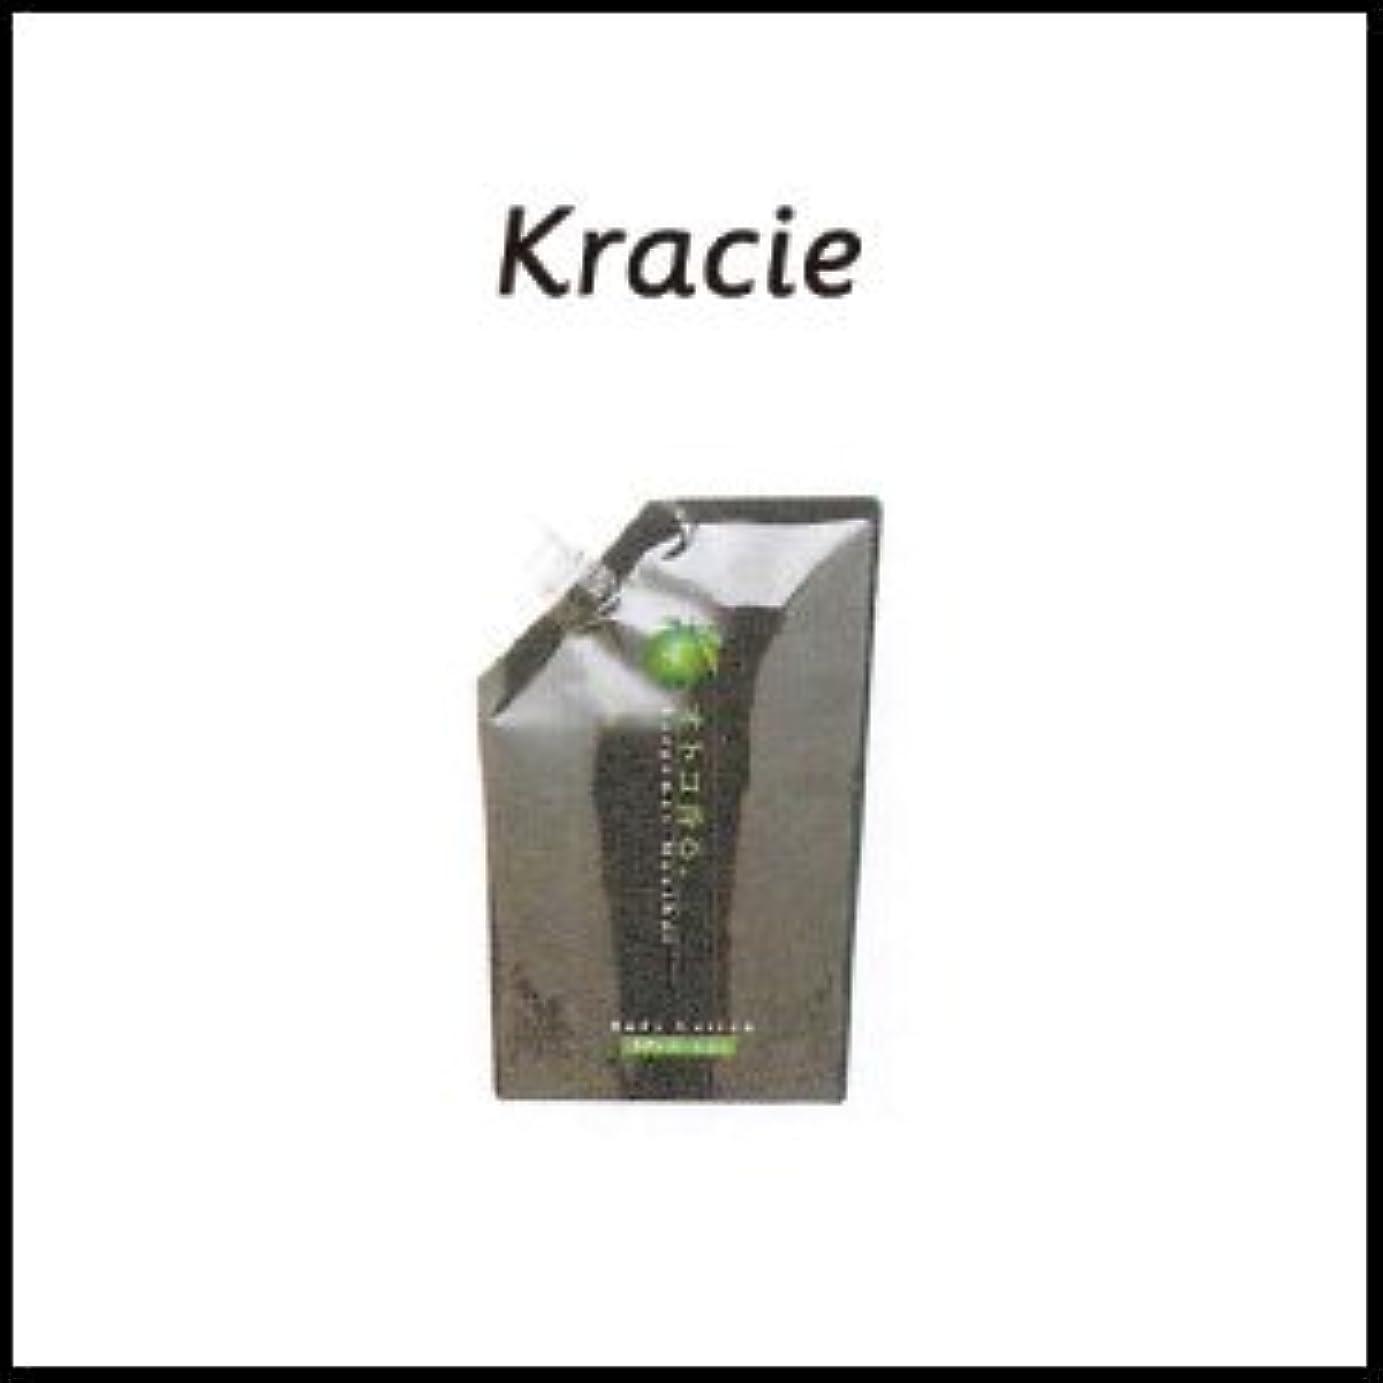 遅い取得廃止クラシエ オトコ香る ボディローション(ベルガモット) 500ml 詰替え用(レフィル)